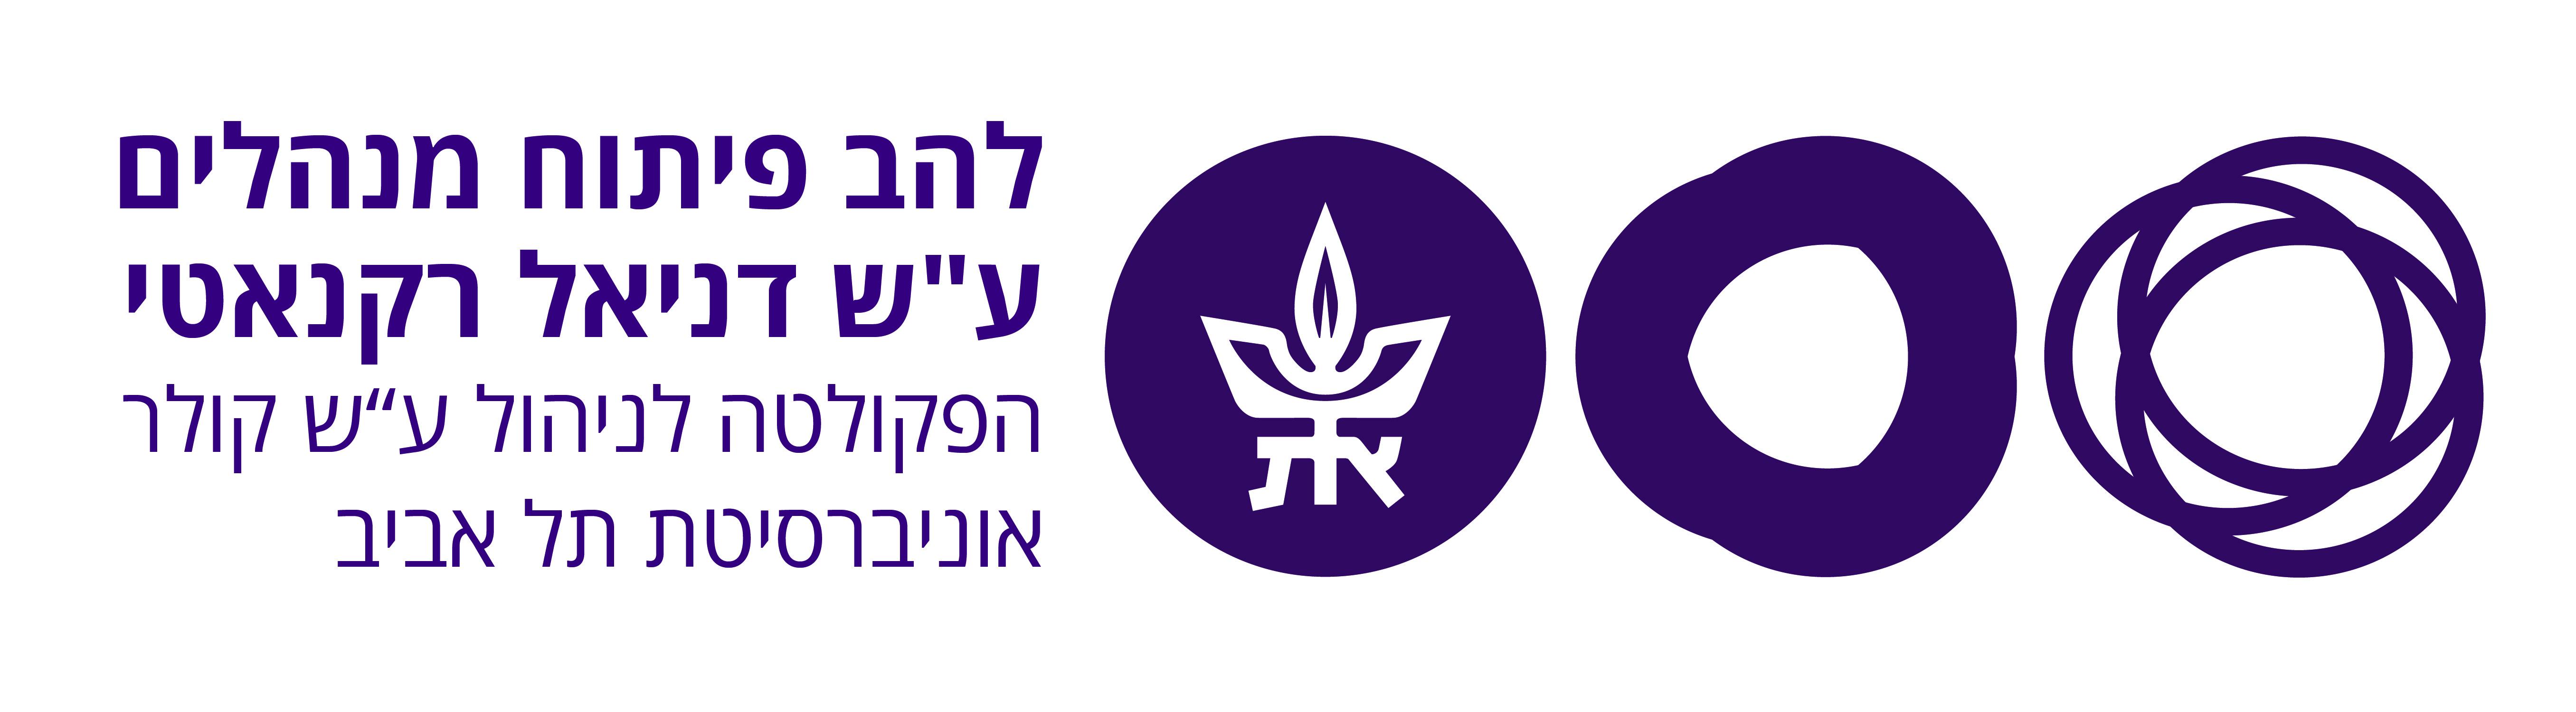 להב פיתוח מנהלים - אוניברסיטת תל אביב